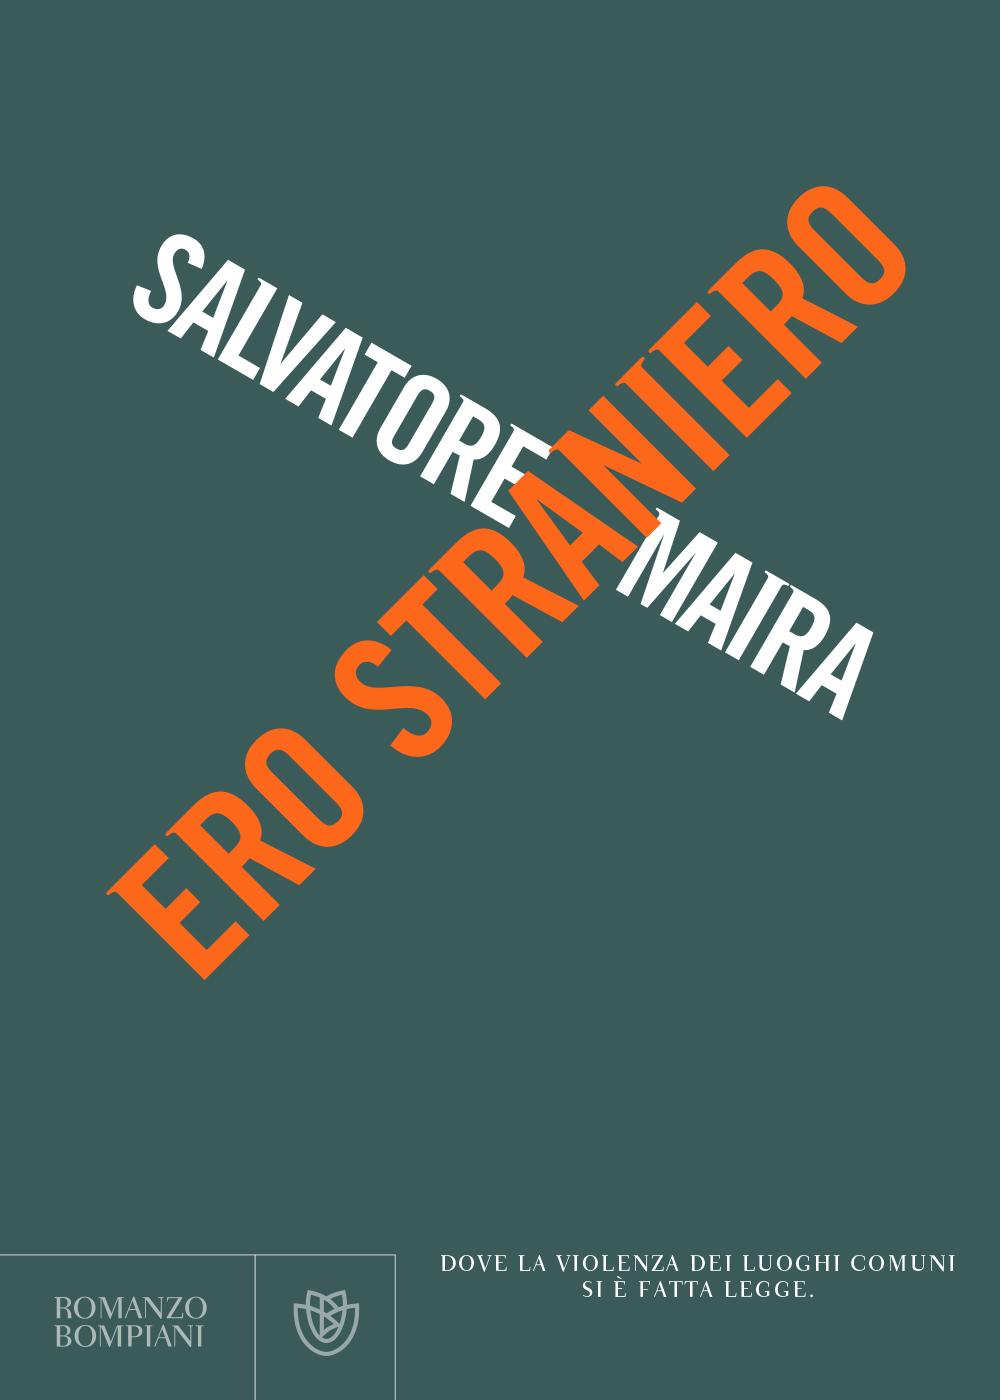 Salvatore Maira